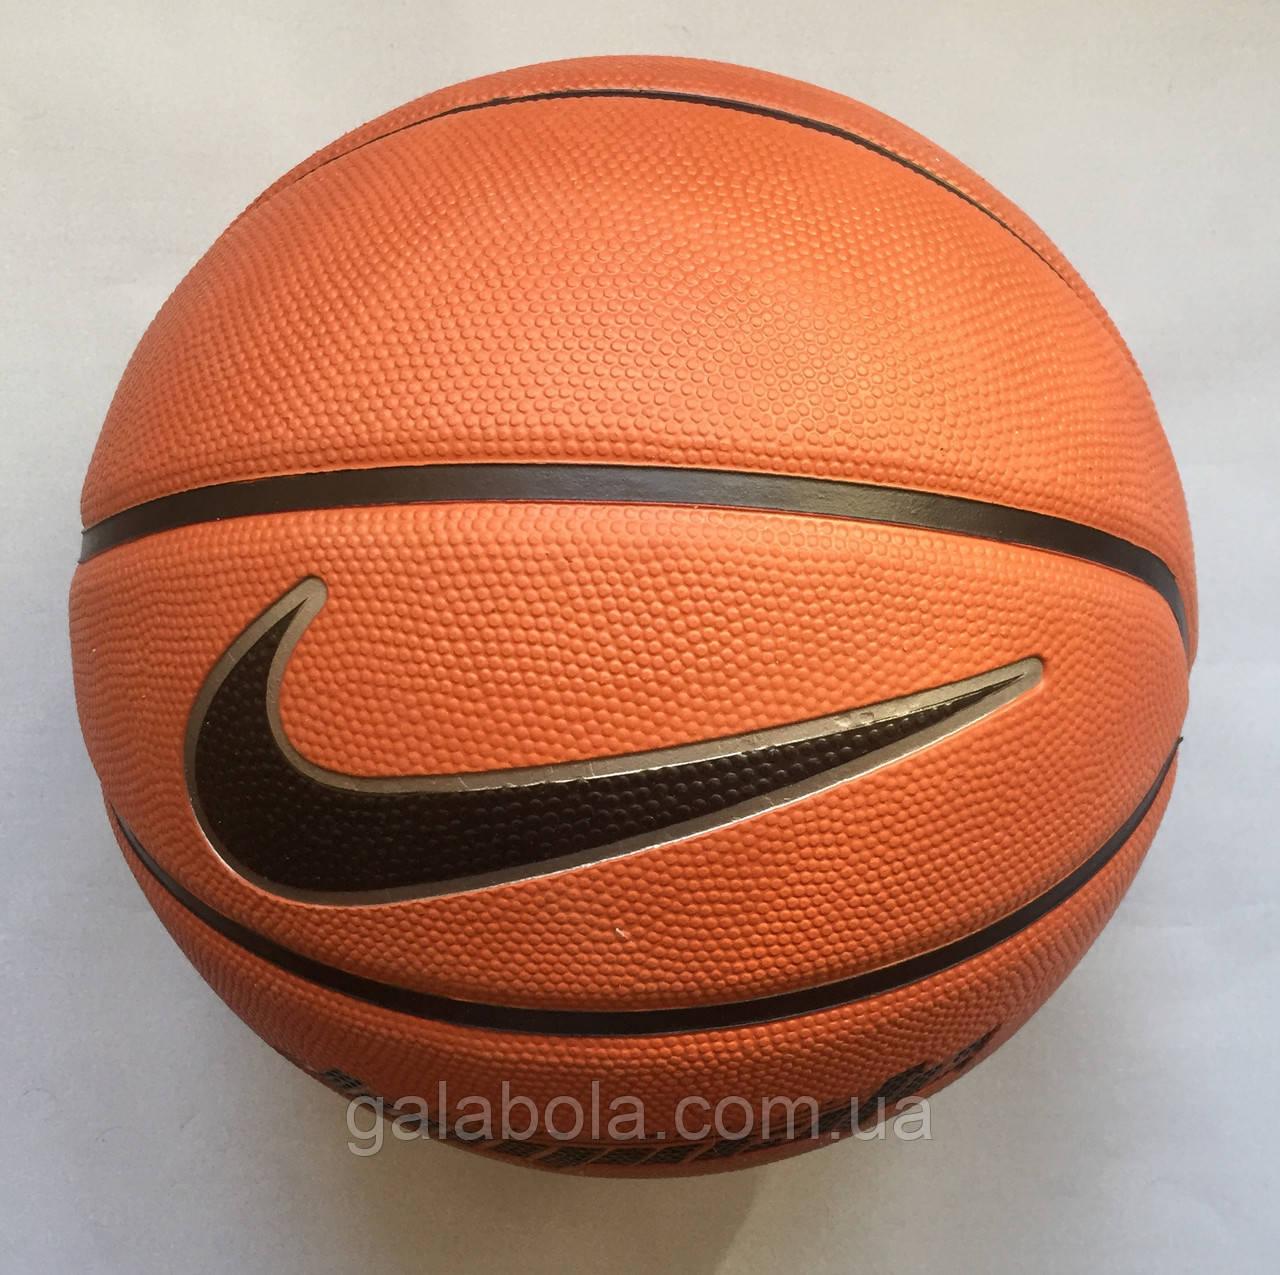 4c7291d5 Мяч баскетбольный NIKE DOMINATE BB0361-801 (размер 6): продажа, цена ...